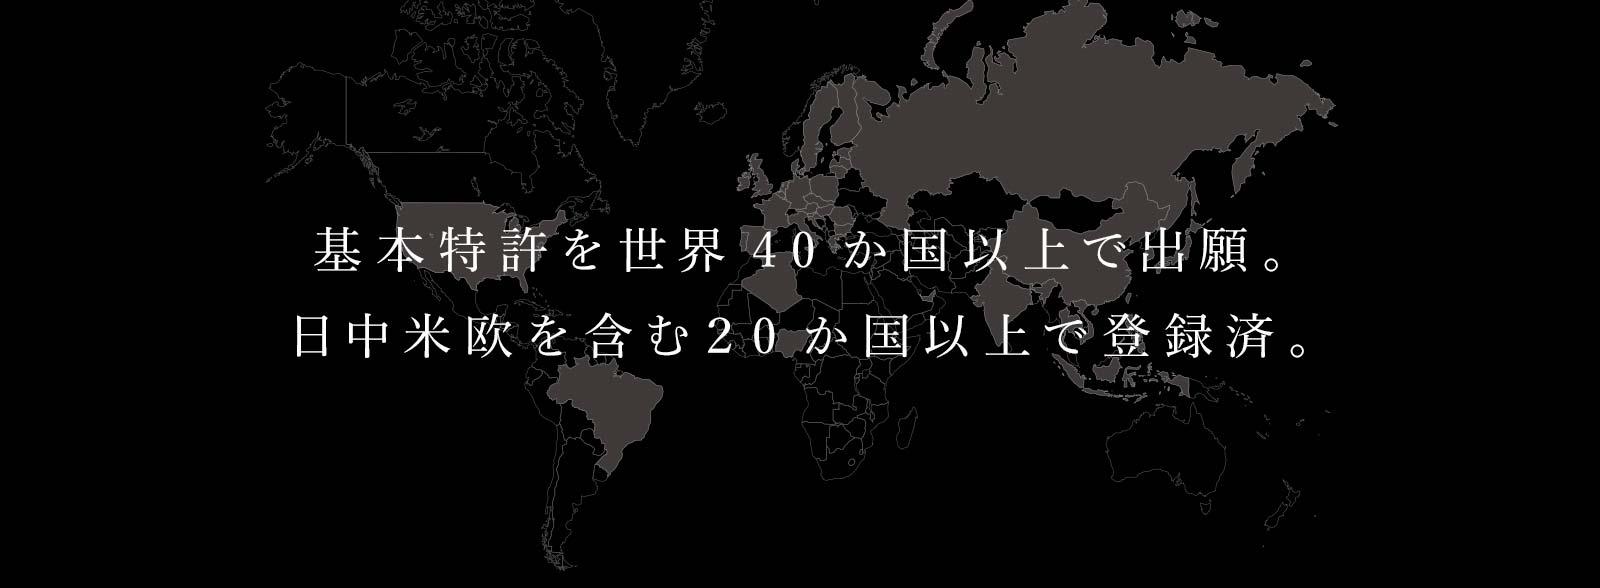 日本を含む世界43カ国にて国際特許を取得済み・申請中